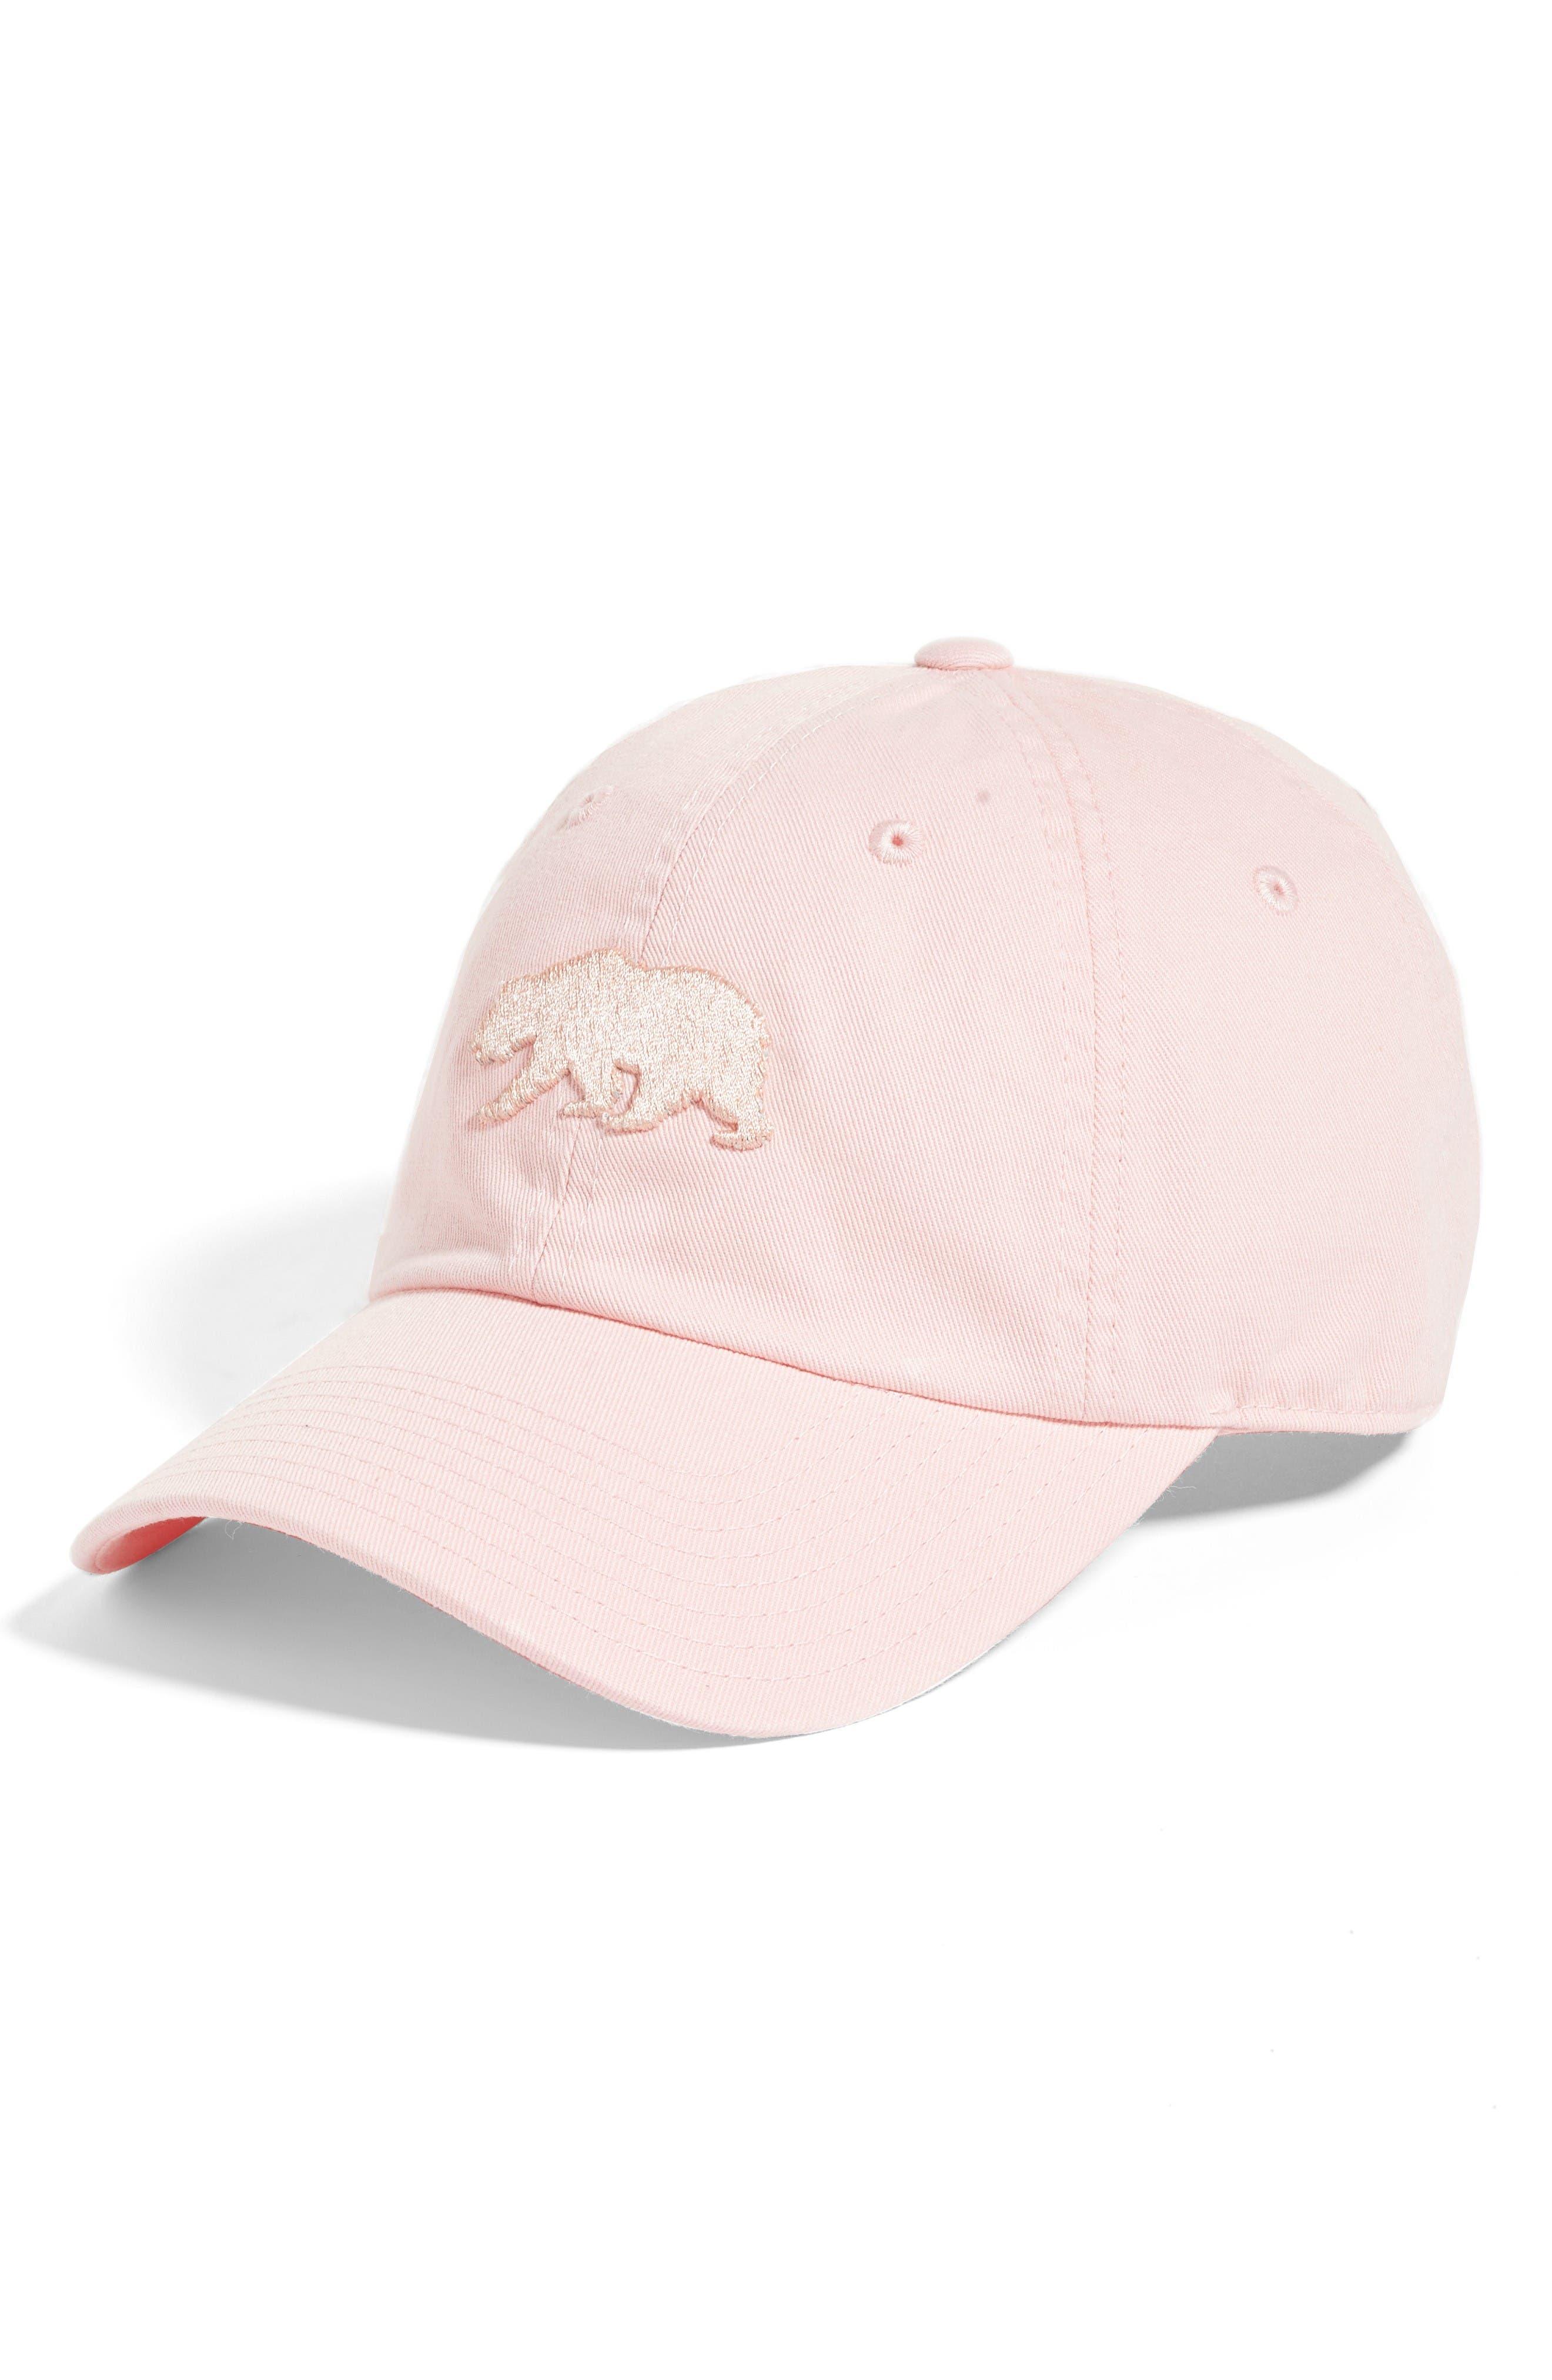 Cali Baseball Cap,                         Main,                         color, Club Pink